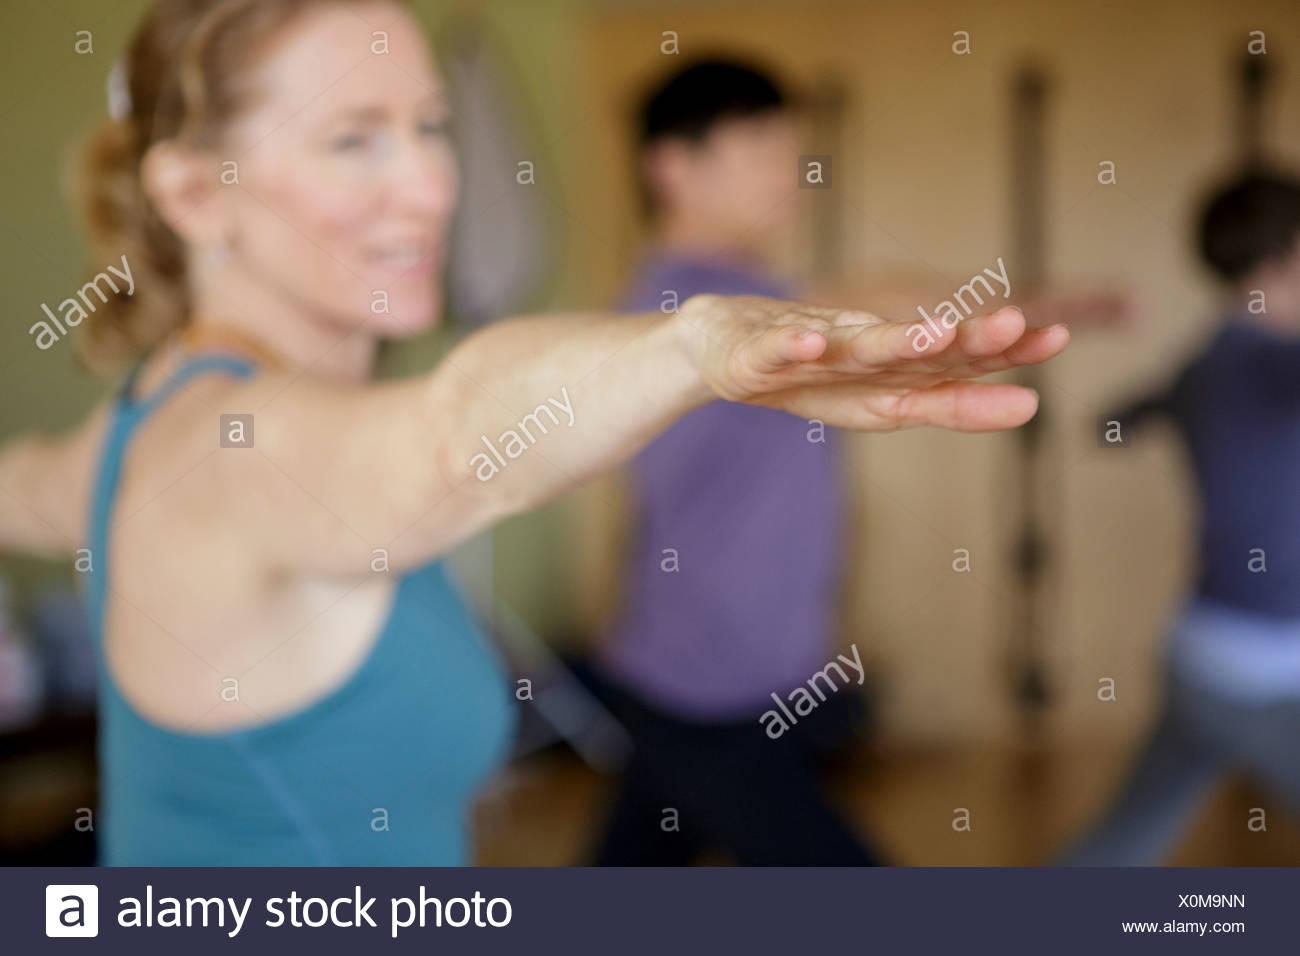 Femelle adulte avec les bras tendus et les doigts dans la classe d'exercice Photo Stock